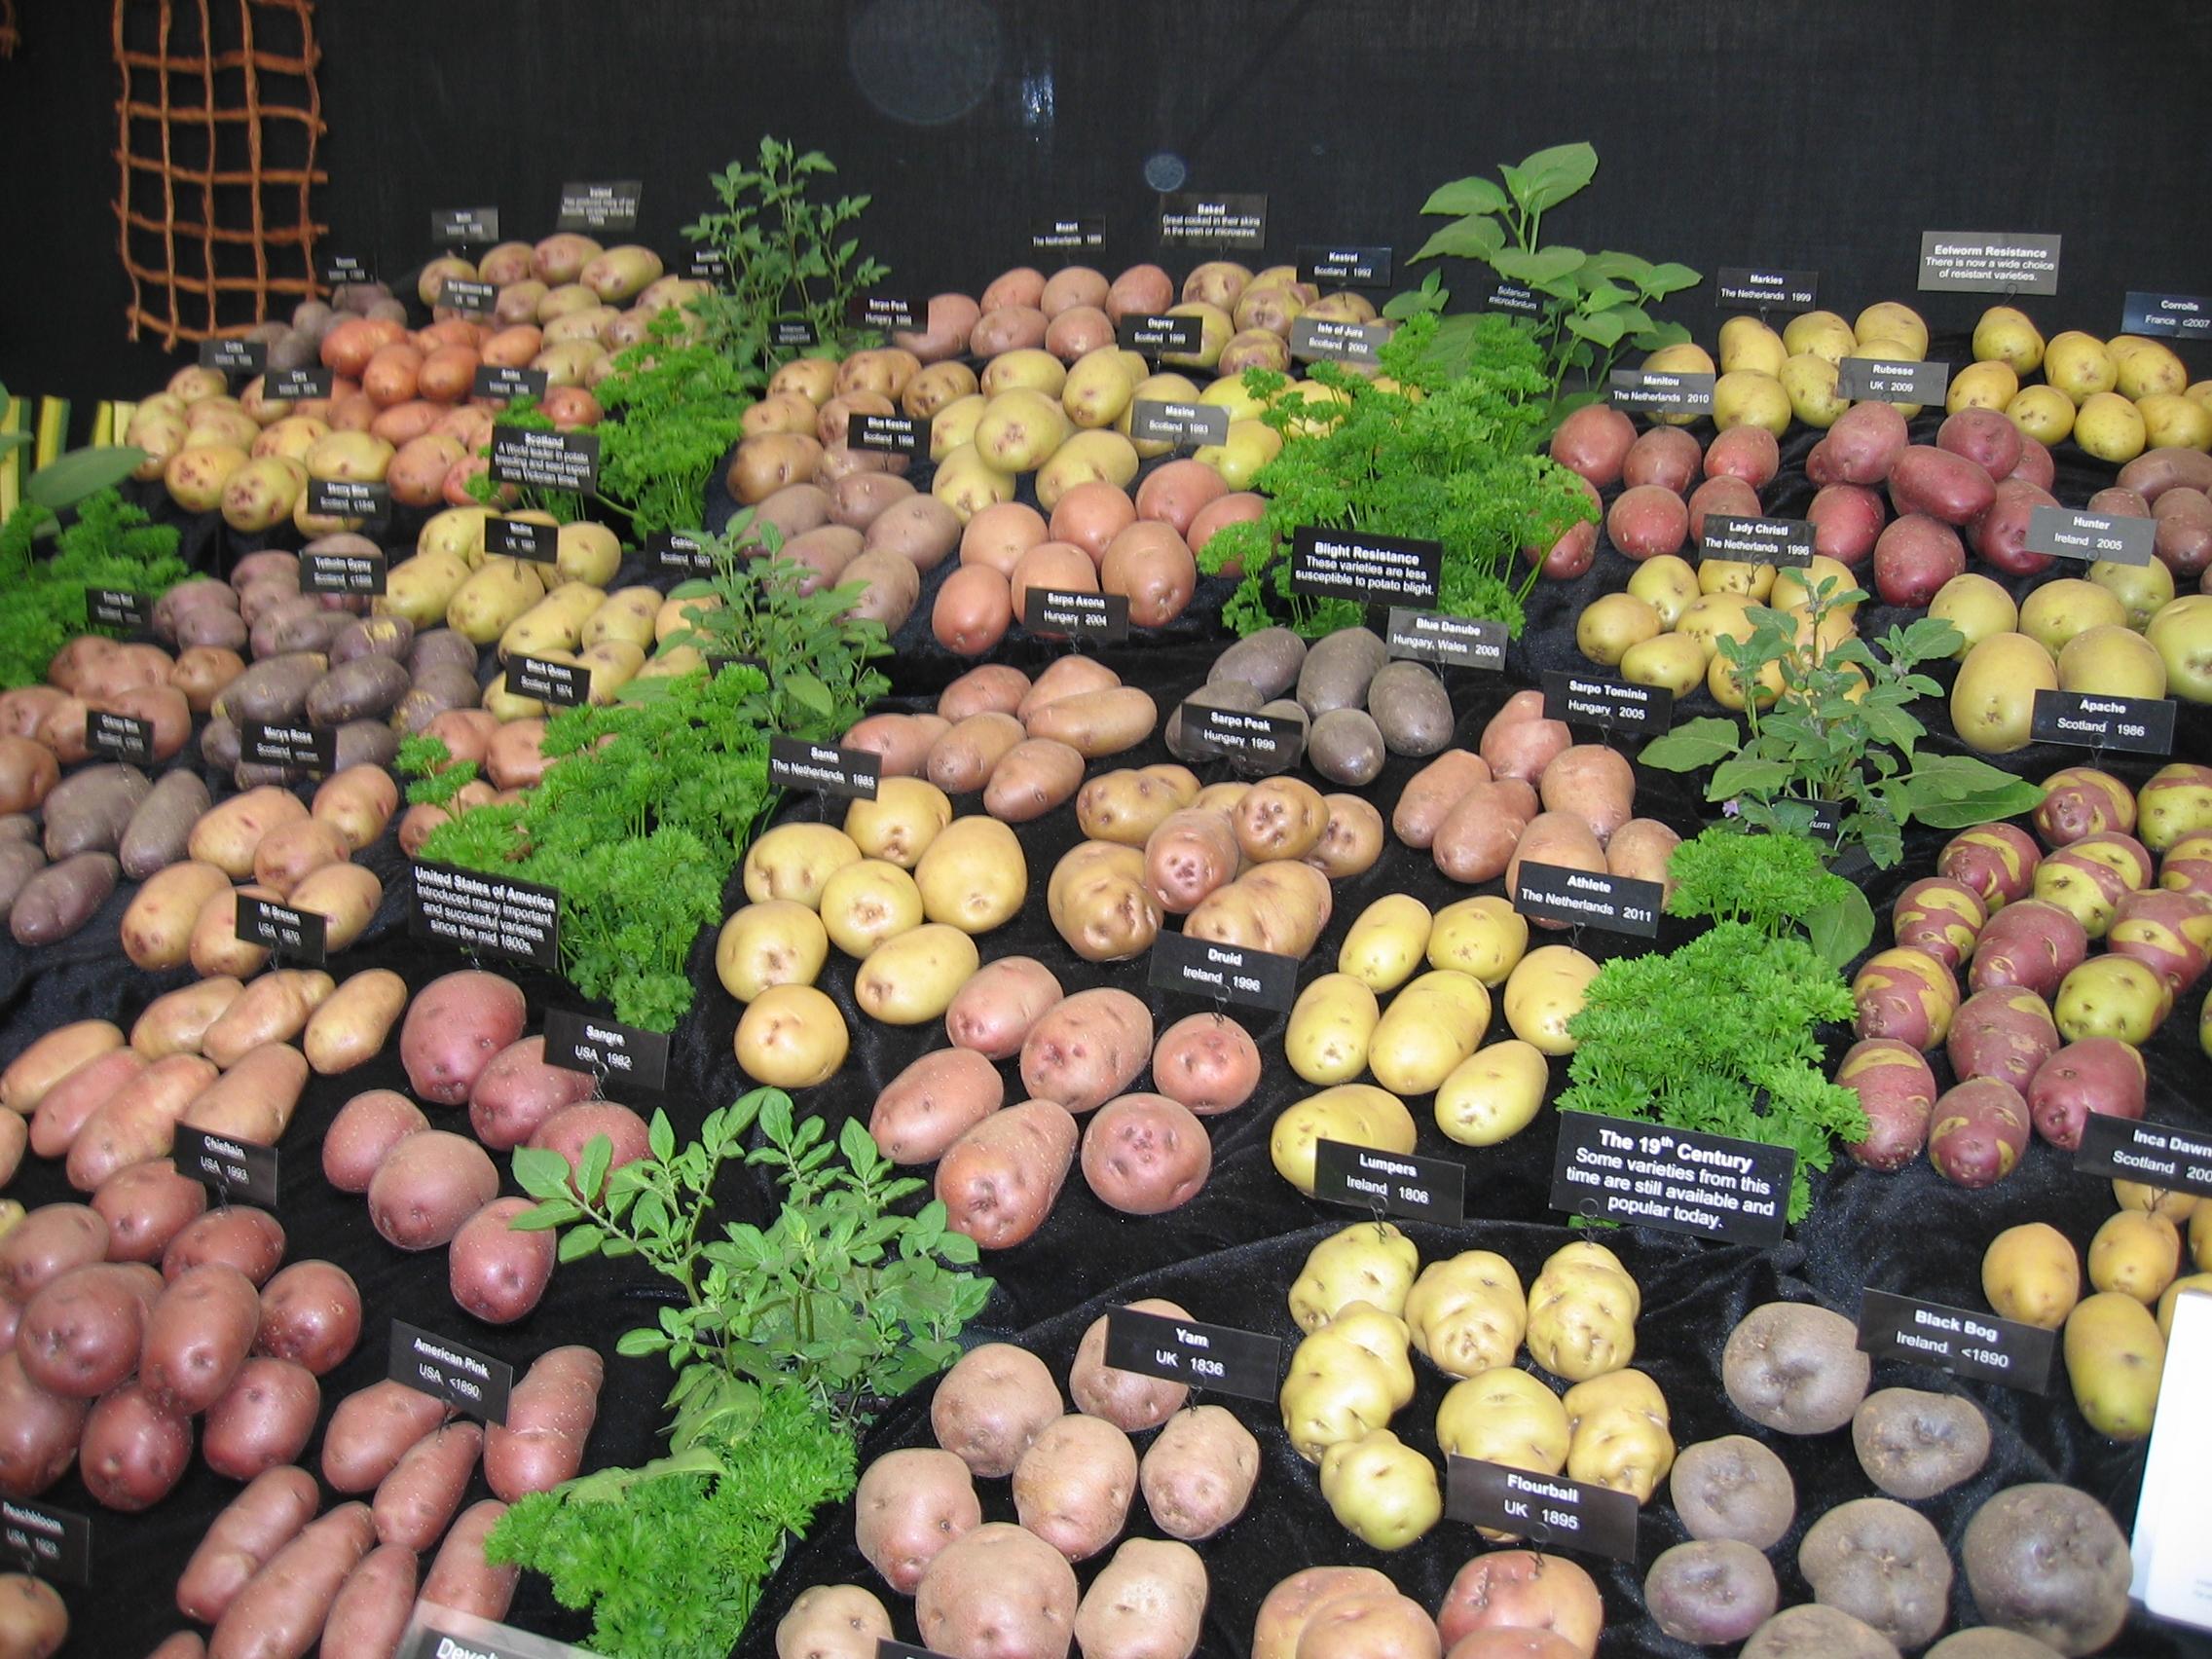 Ik ben een aardappelfanaat, maar ik heb nog nooit zoveel verschillende aardappelsoorten bij elkaar  gezien. Puur genieten!